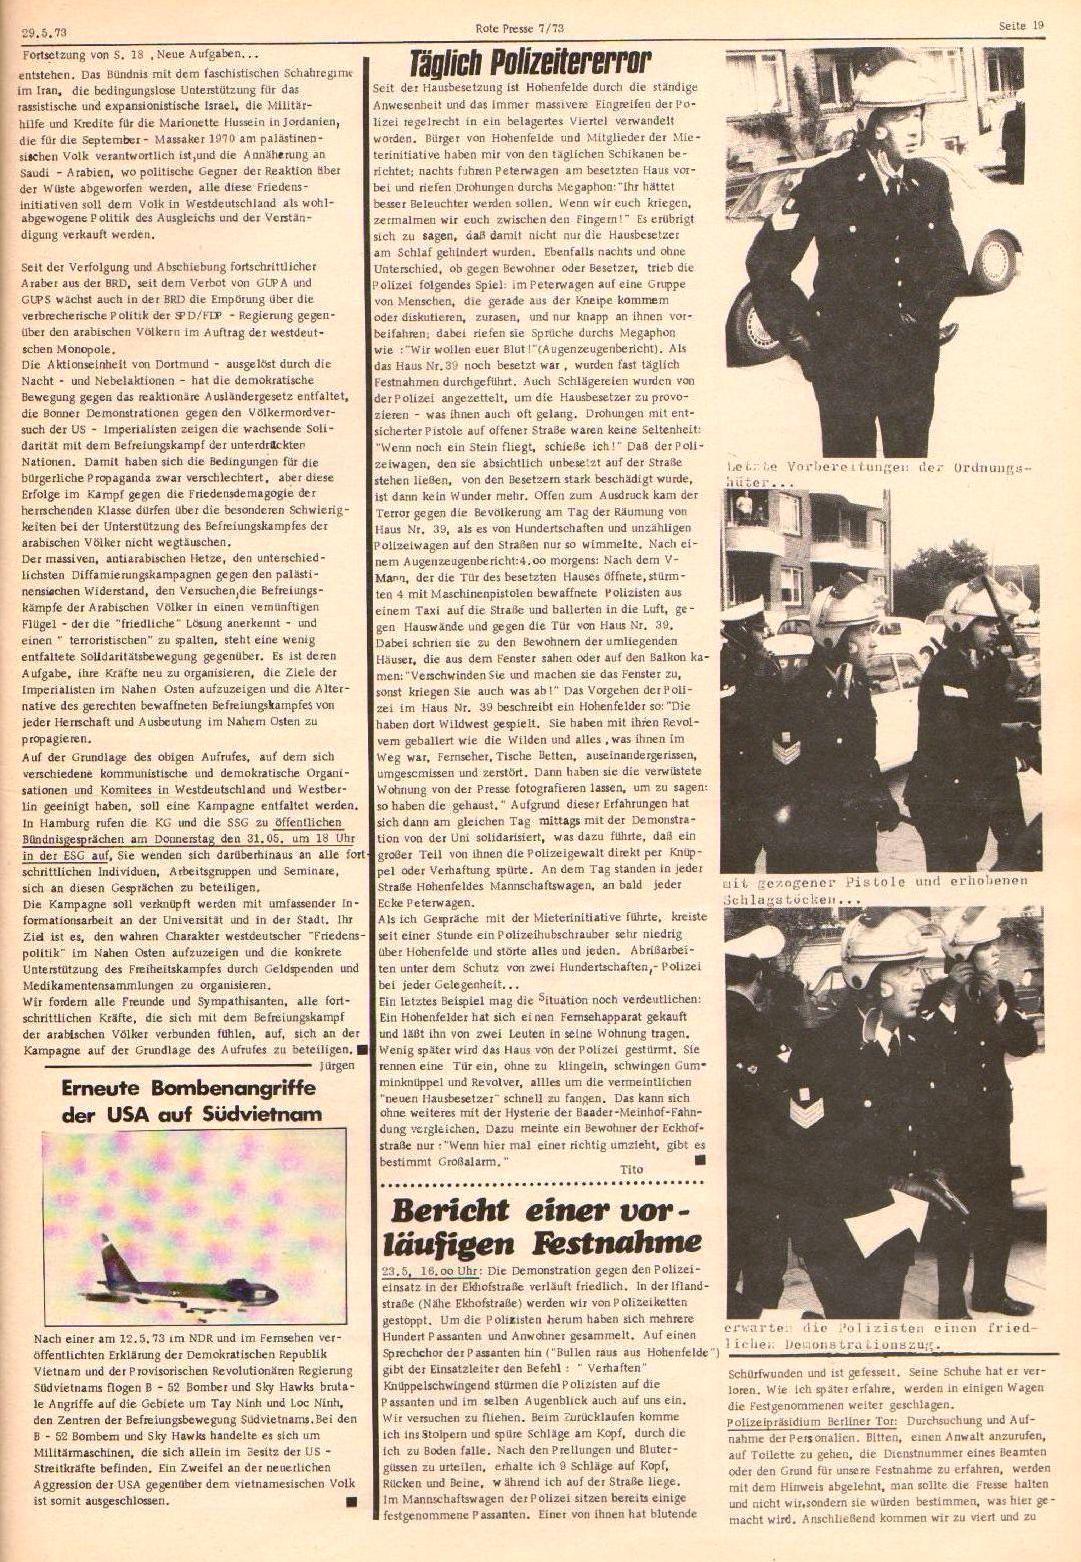 Hamburg_Rote_Presse216